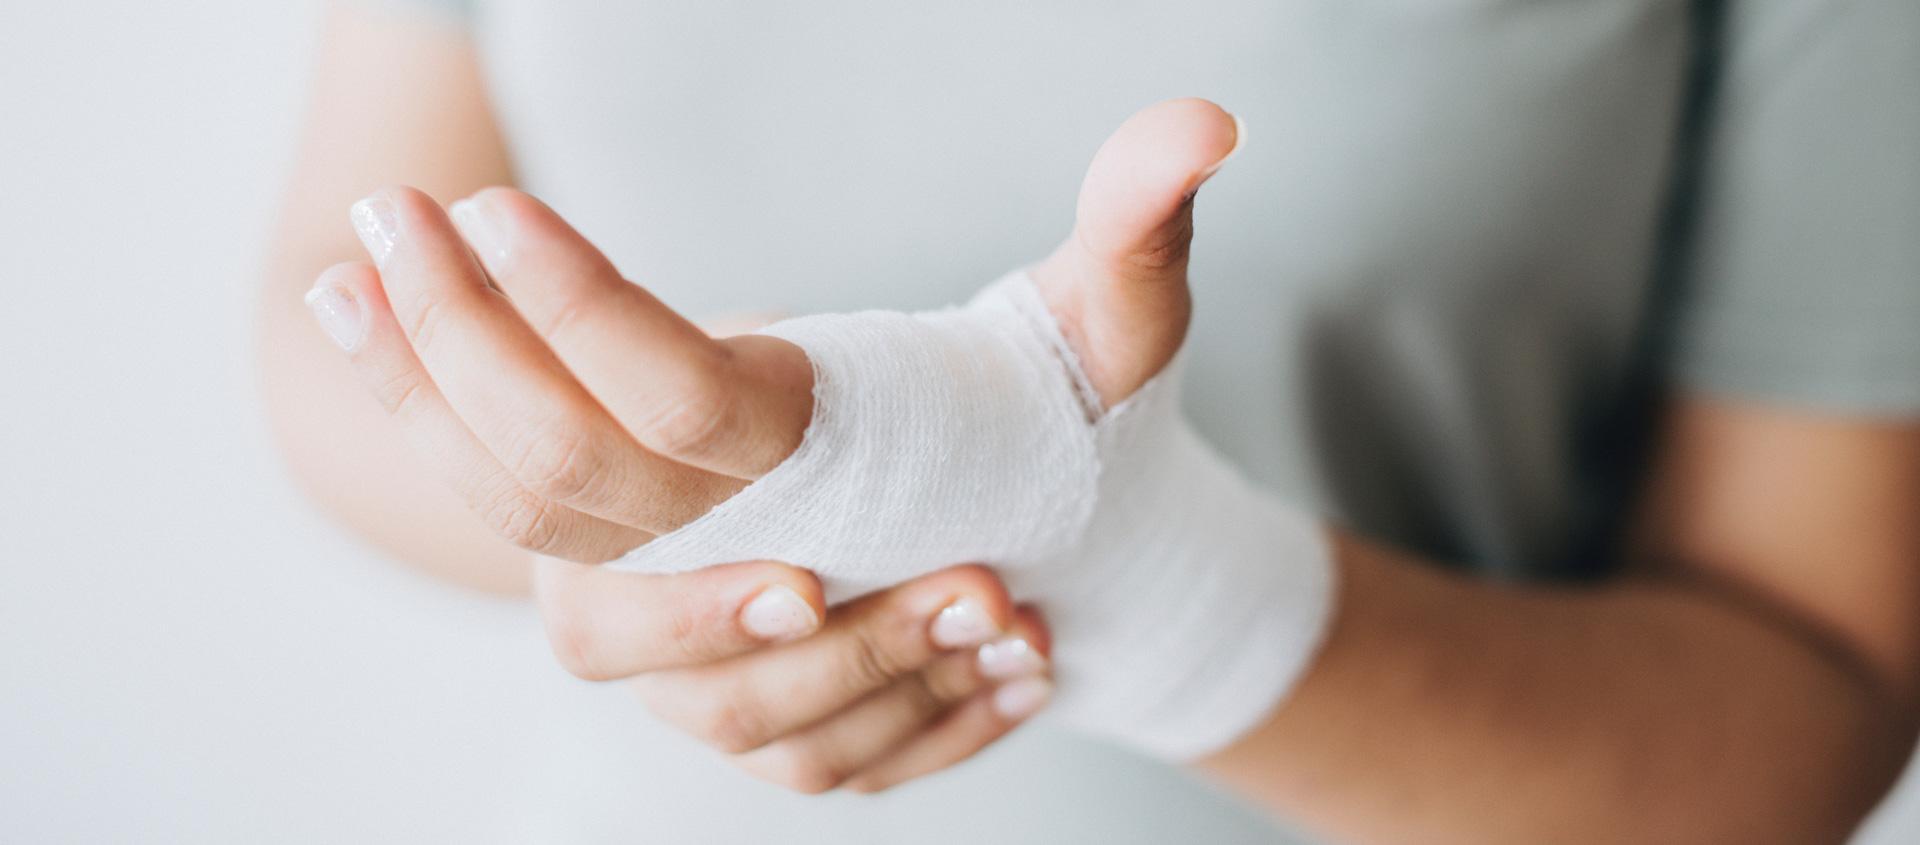 Algemene orthopedie en sportletsels